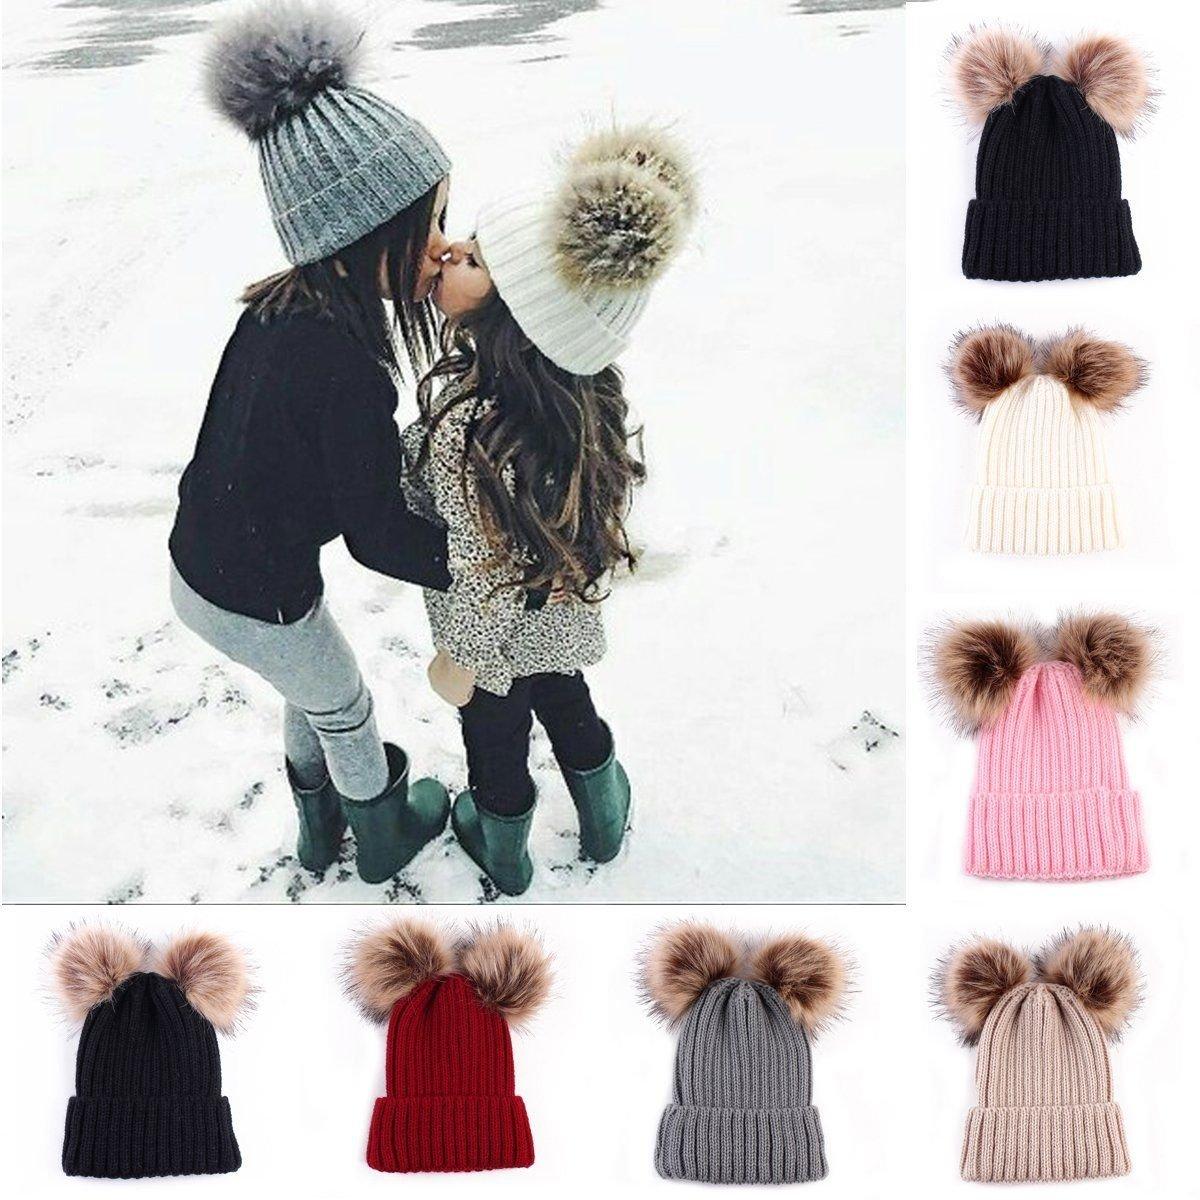 I LOVE DIY Bonnet Pompon Bebe Garcon Fille Chapeaux Tricoté Enfant Hiver  Mignons avec 2 Pompon 2f1d44debf0